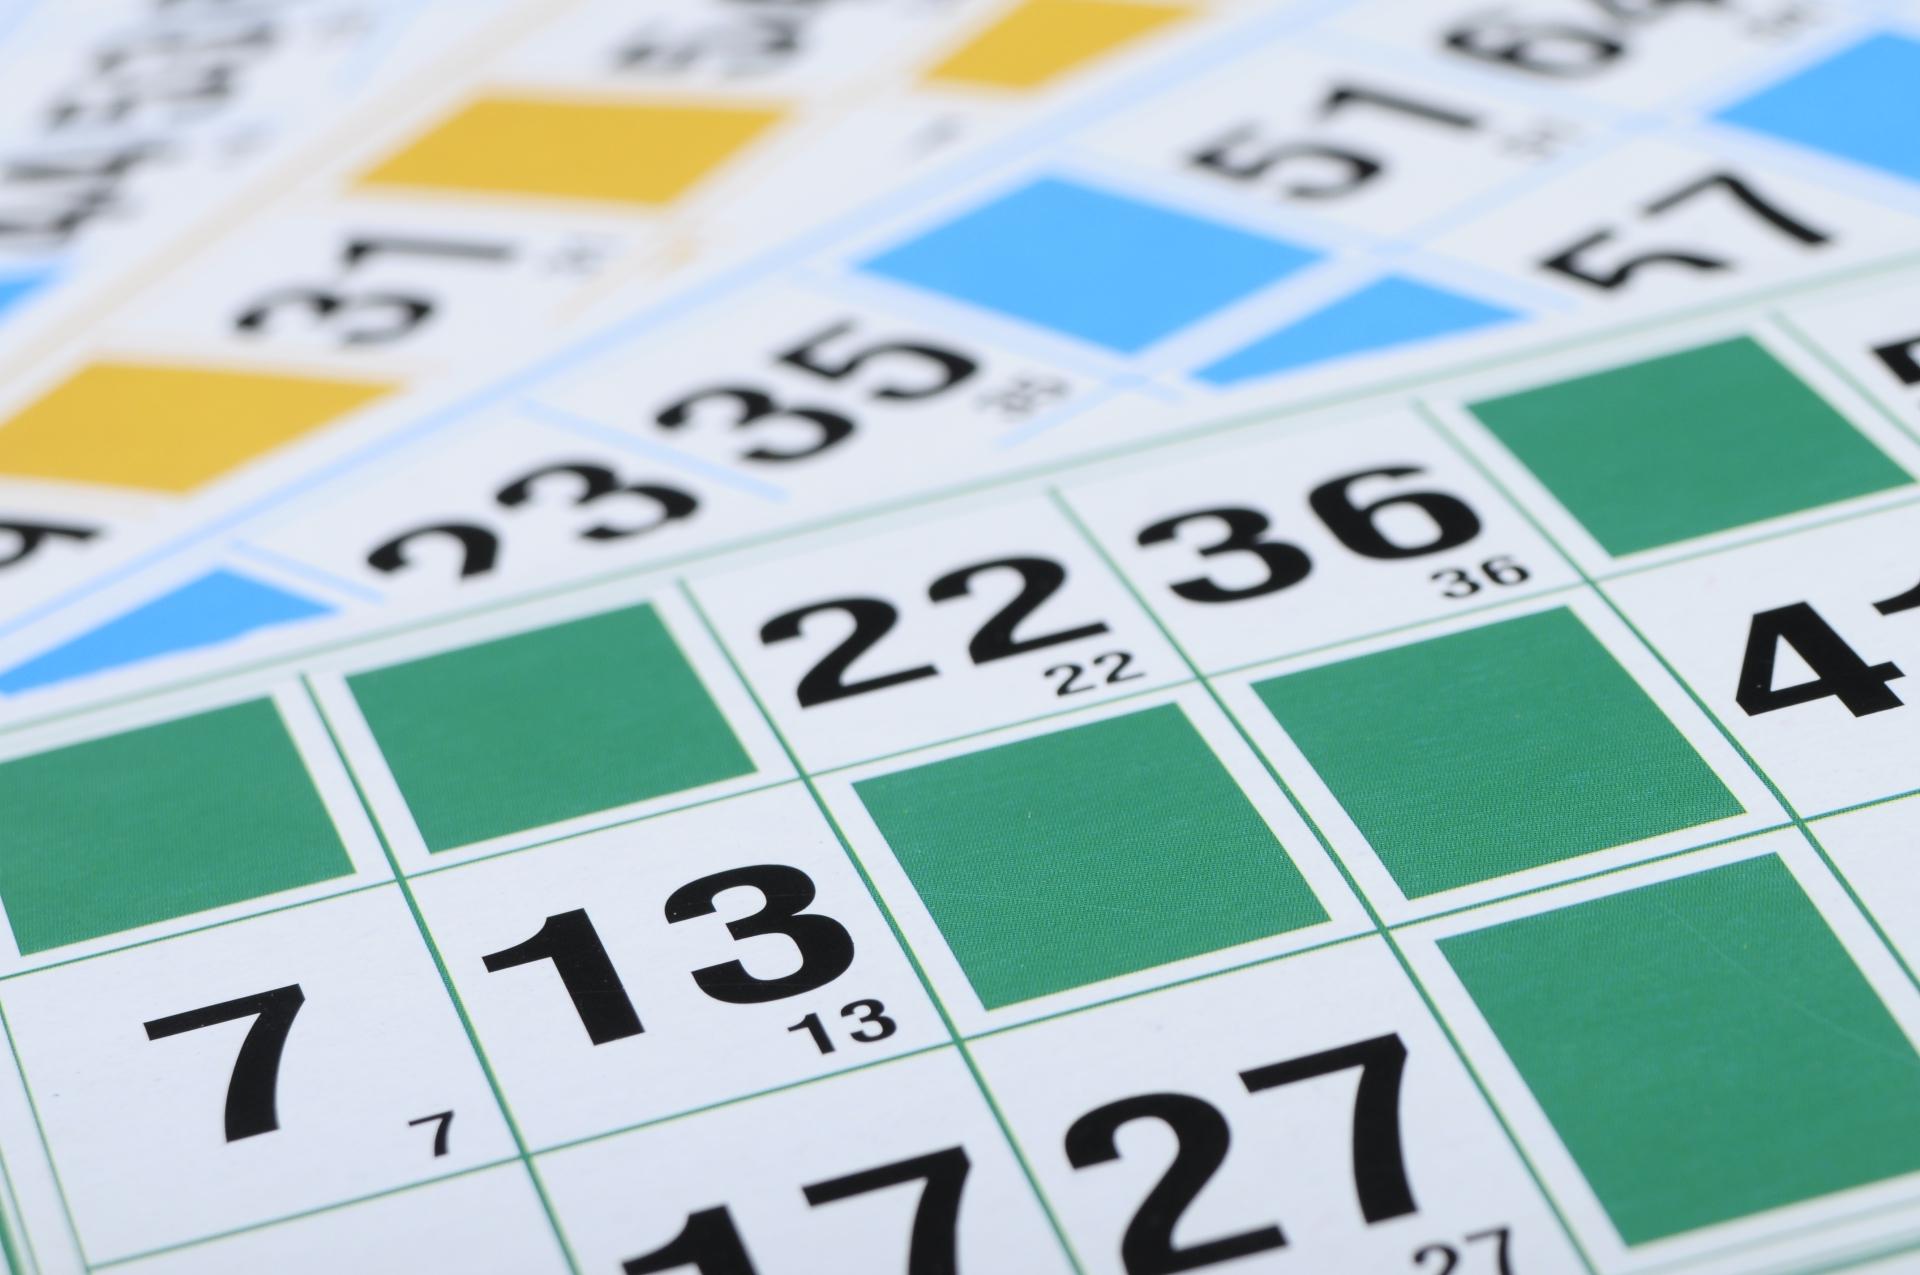 Comment gagner au loto 6 astuces qui marchent vraiment for Comment jouer au domino astuces